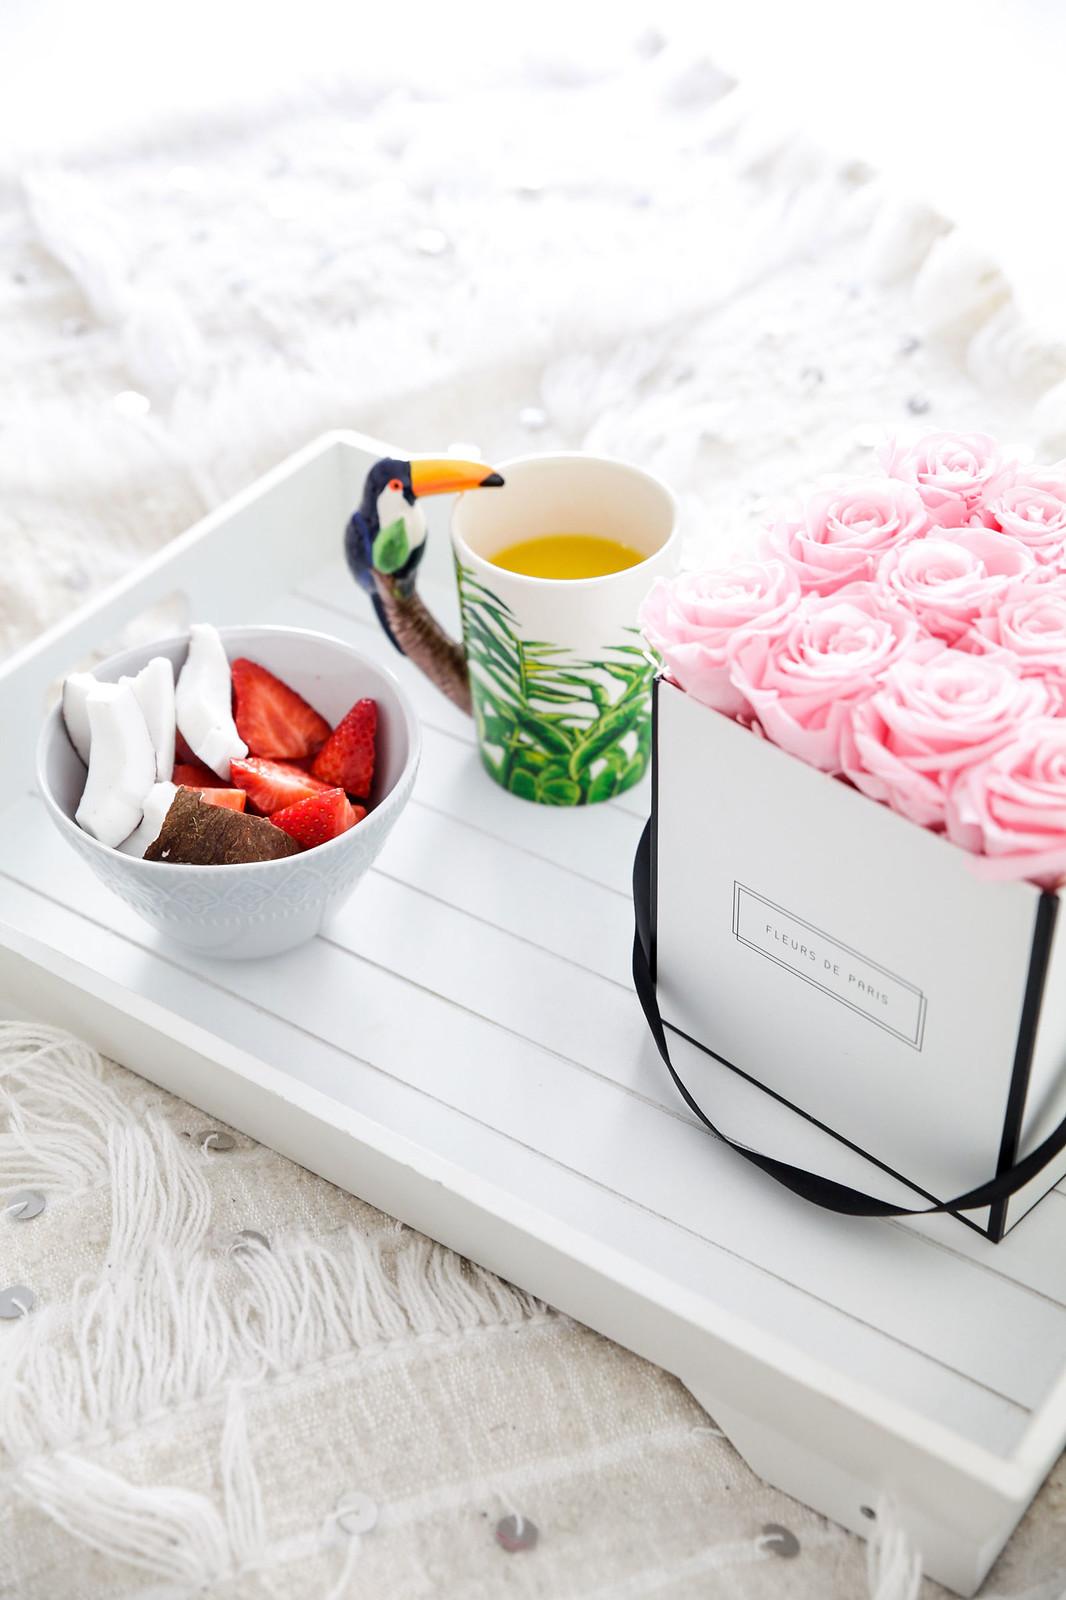 09_Desayuno_cama_breakfast_bed_Fleurs_Paris_Theguestgirl_Flowers_pink_influencer_barcelona_flores_laura_santolaria